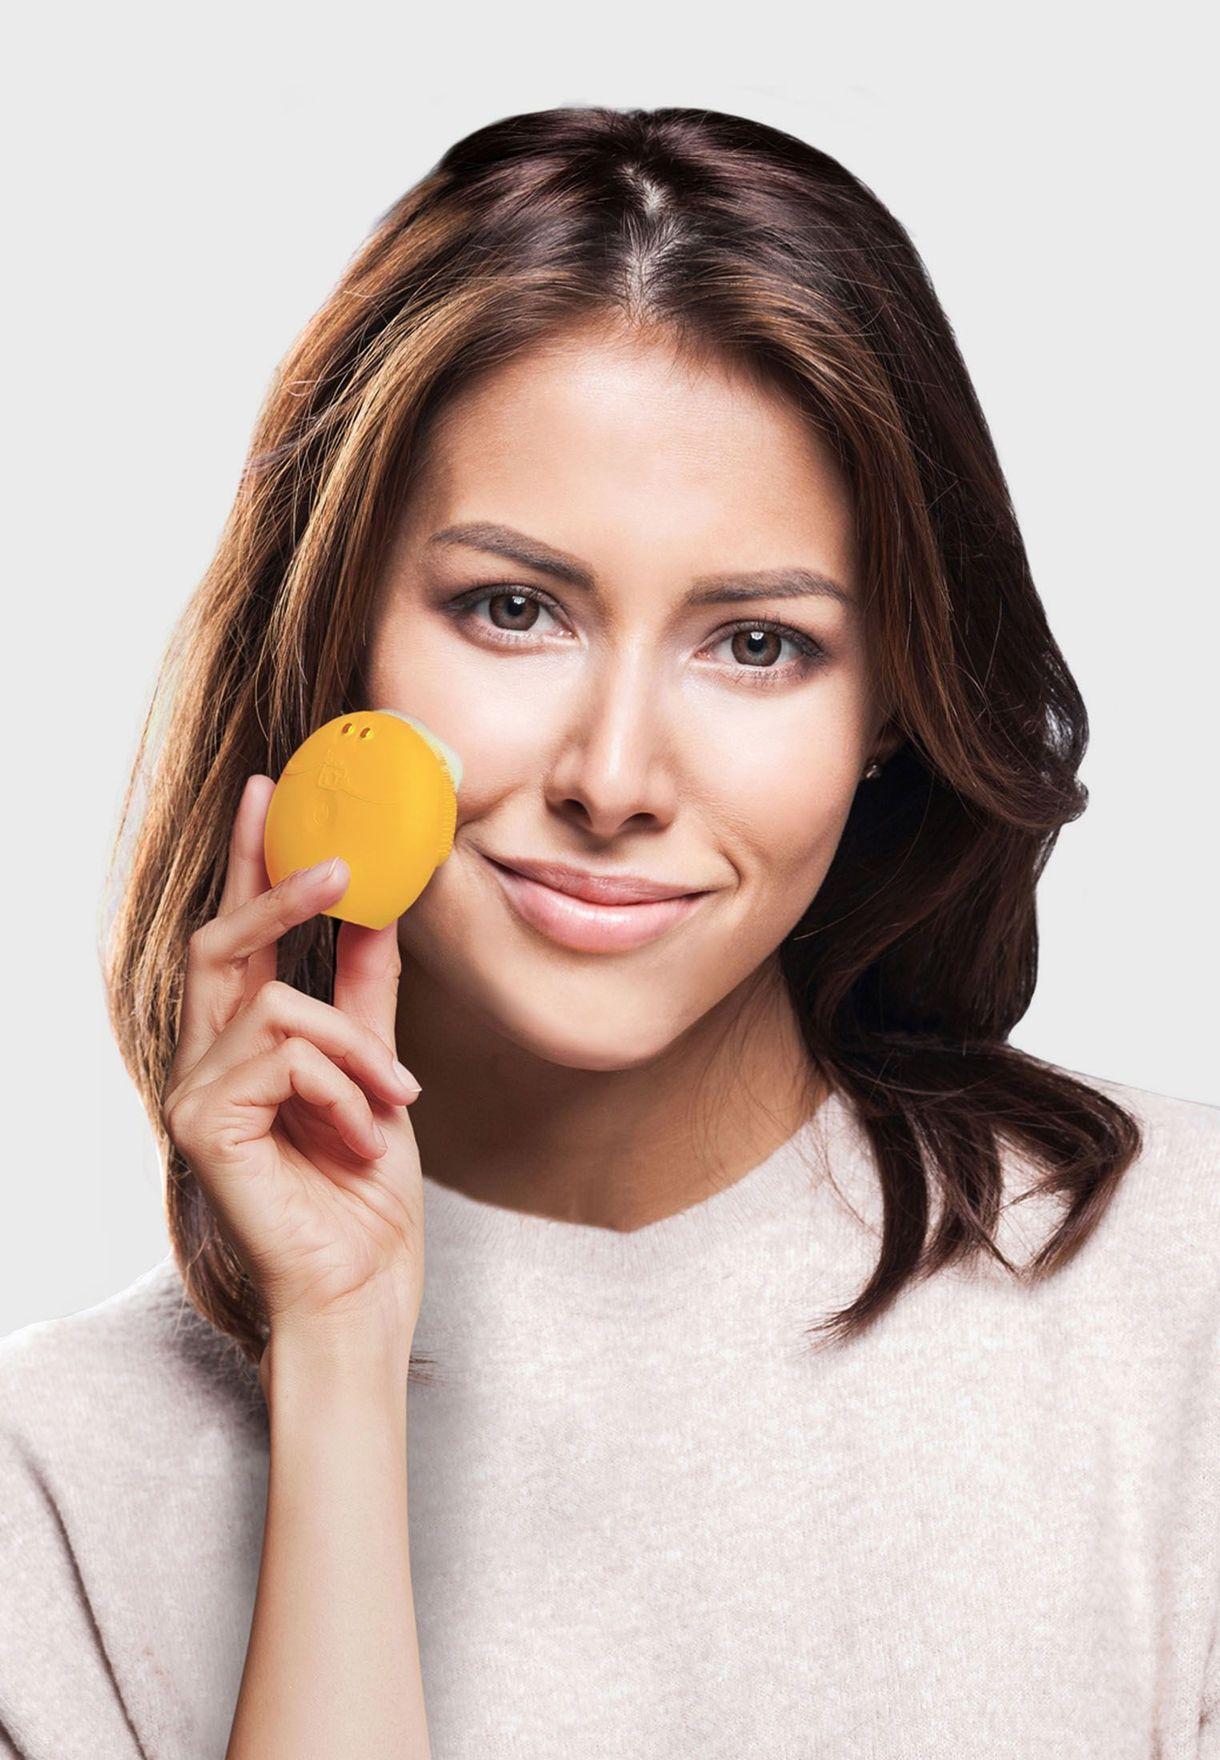 فرشاة لونا فوفو لتنظيف الوجه - صن فلاور